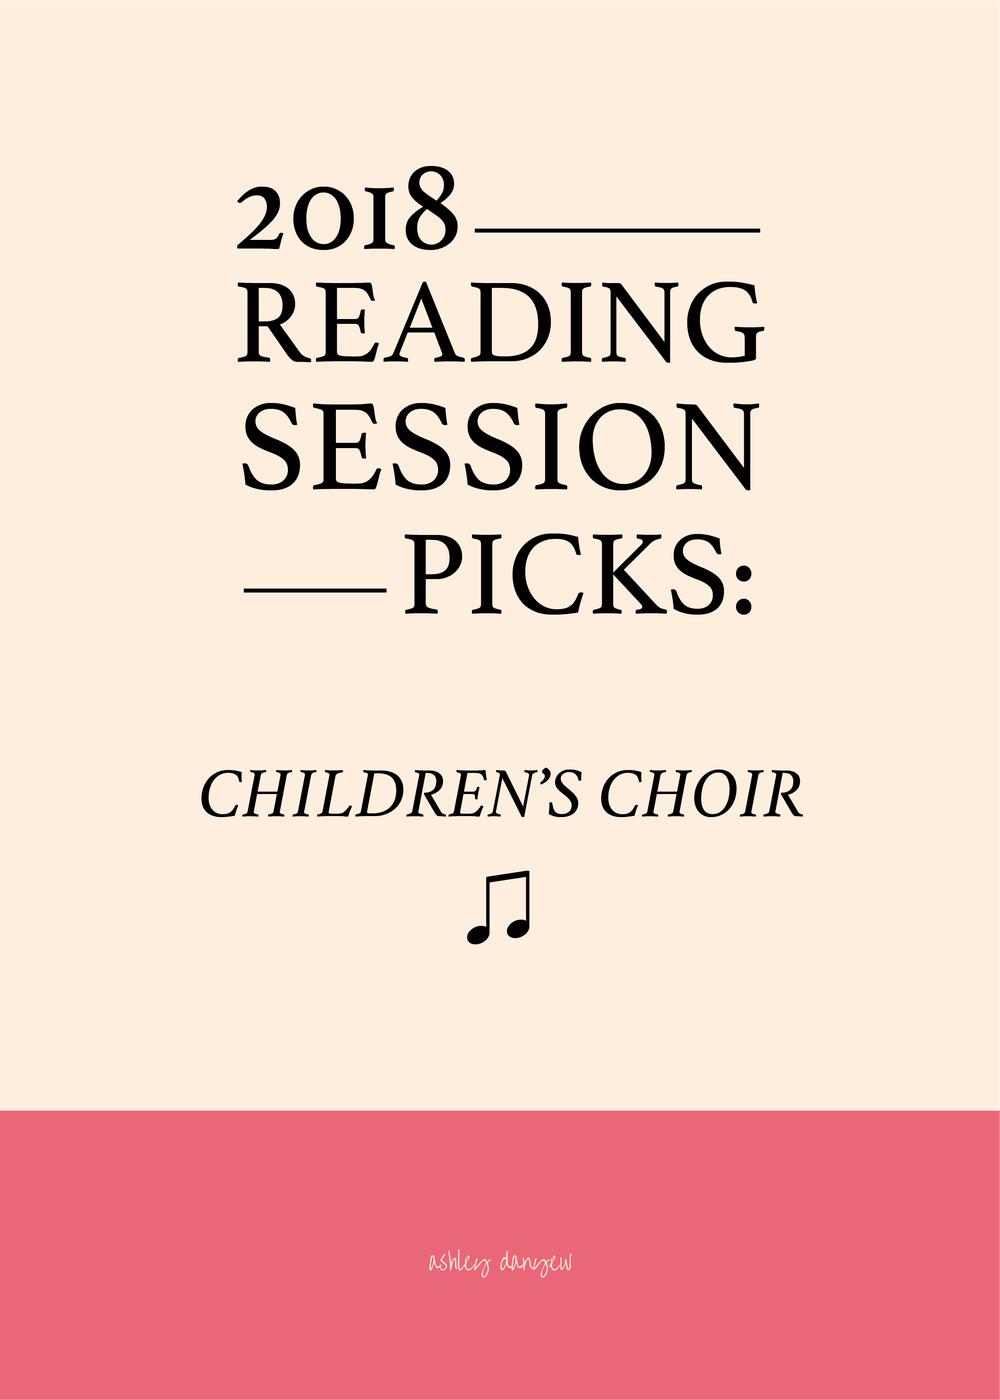 2018 Reading Session Picks: Children's Choir